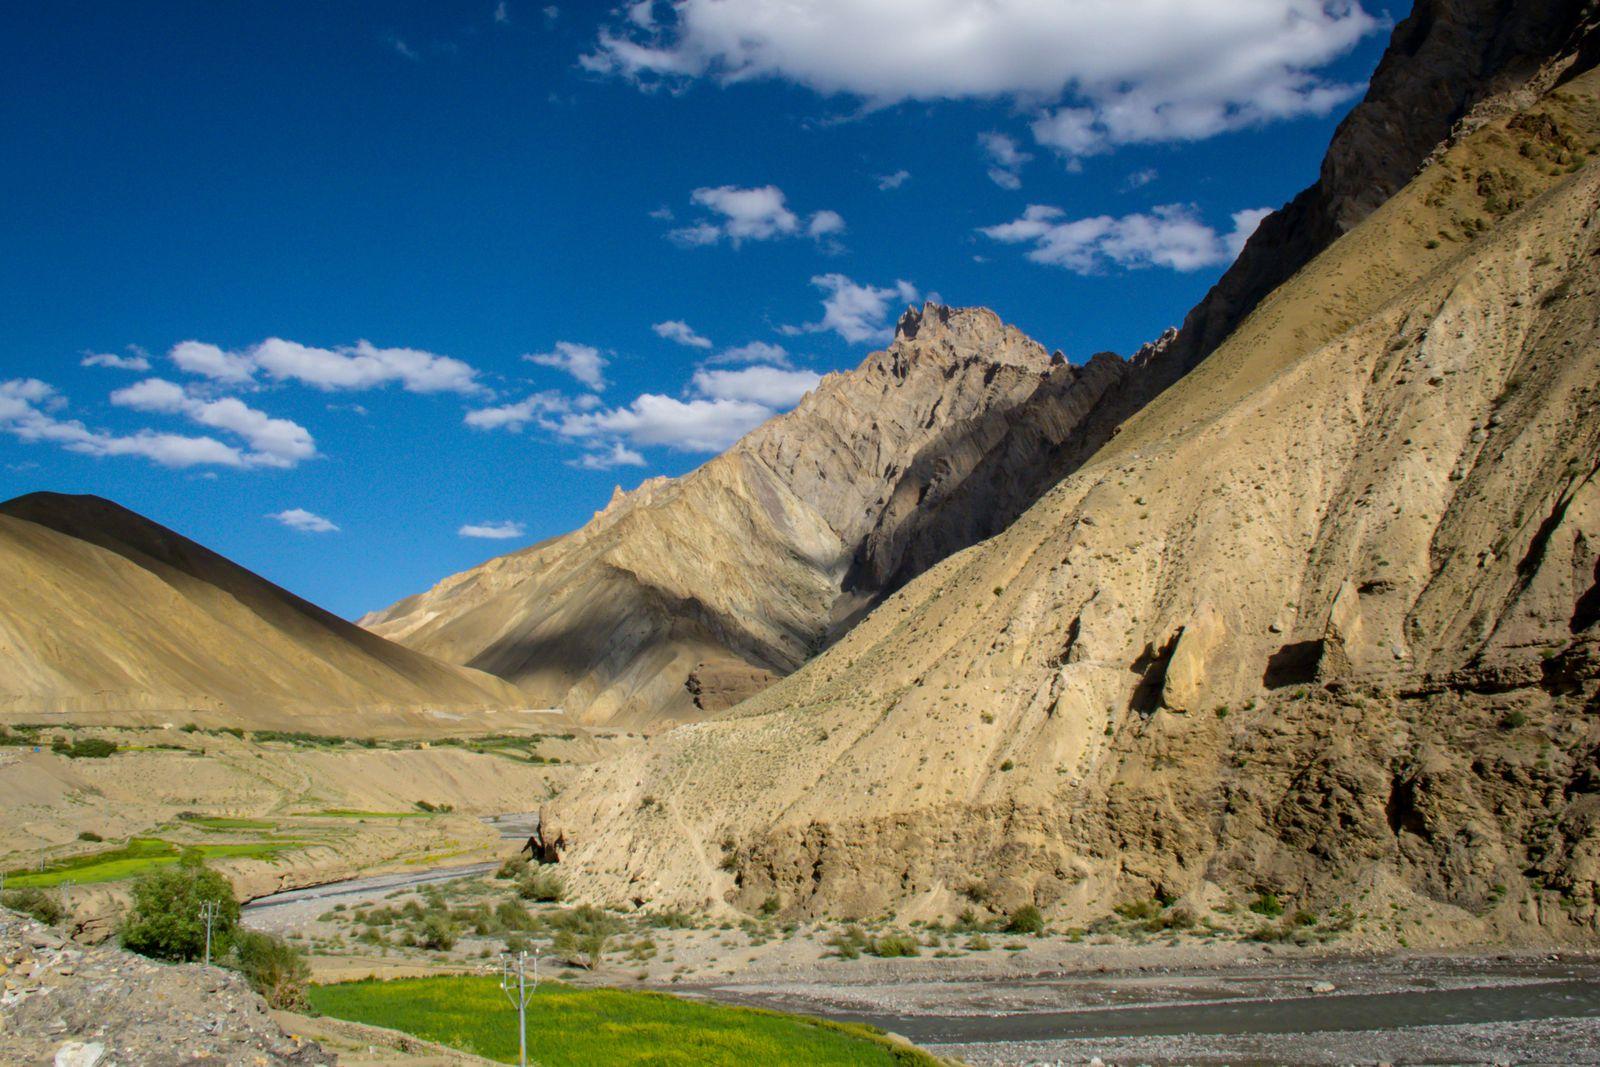 2013: INDE-LADAKH- Vallée de l'Indus en Royal Enfield